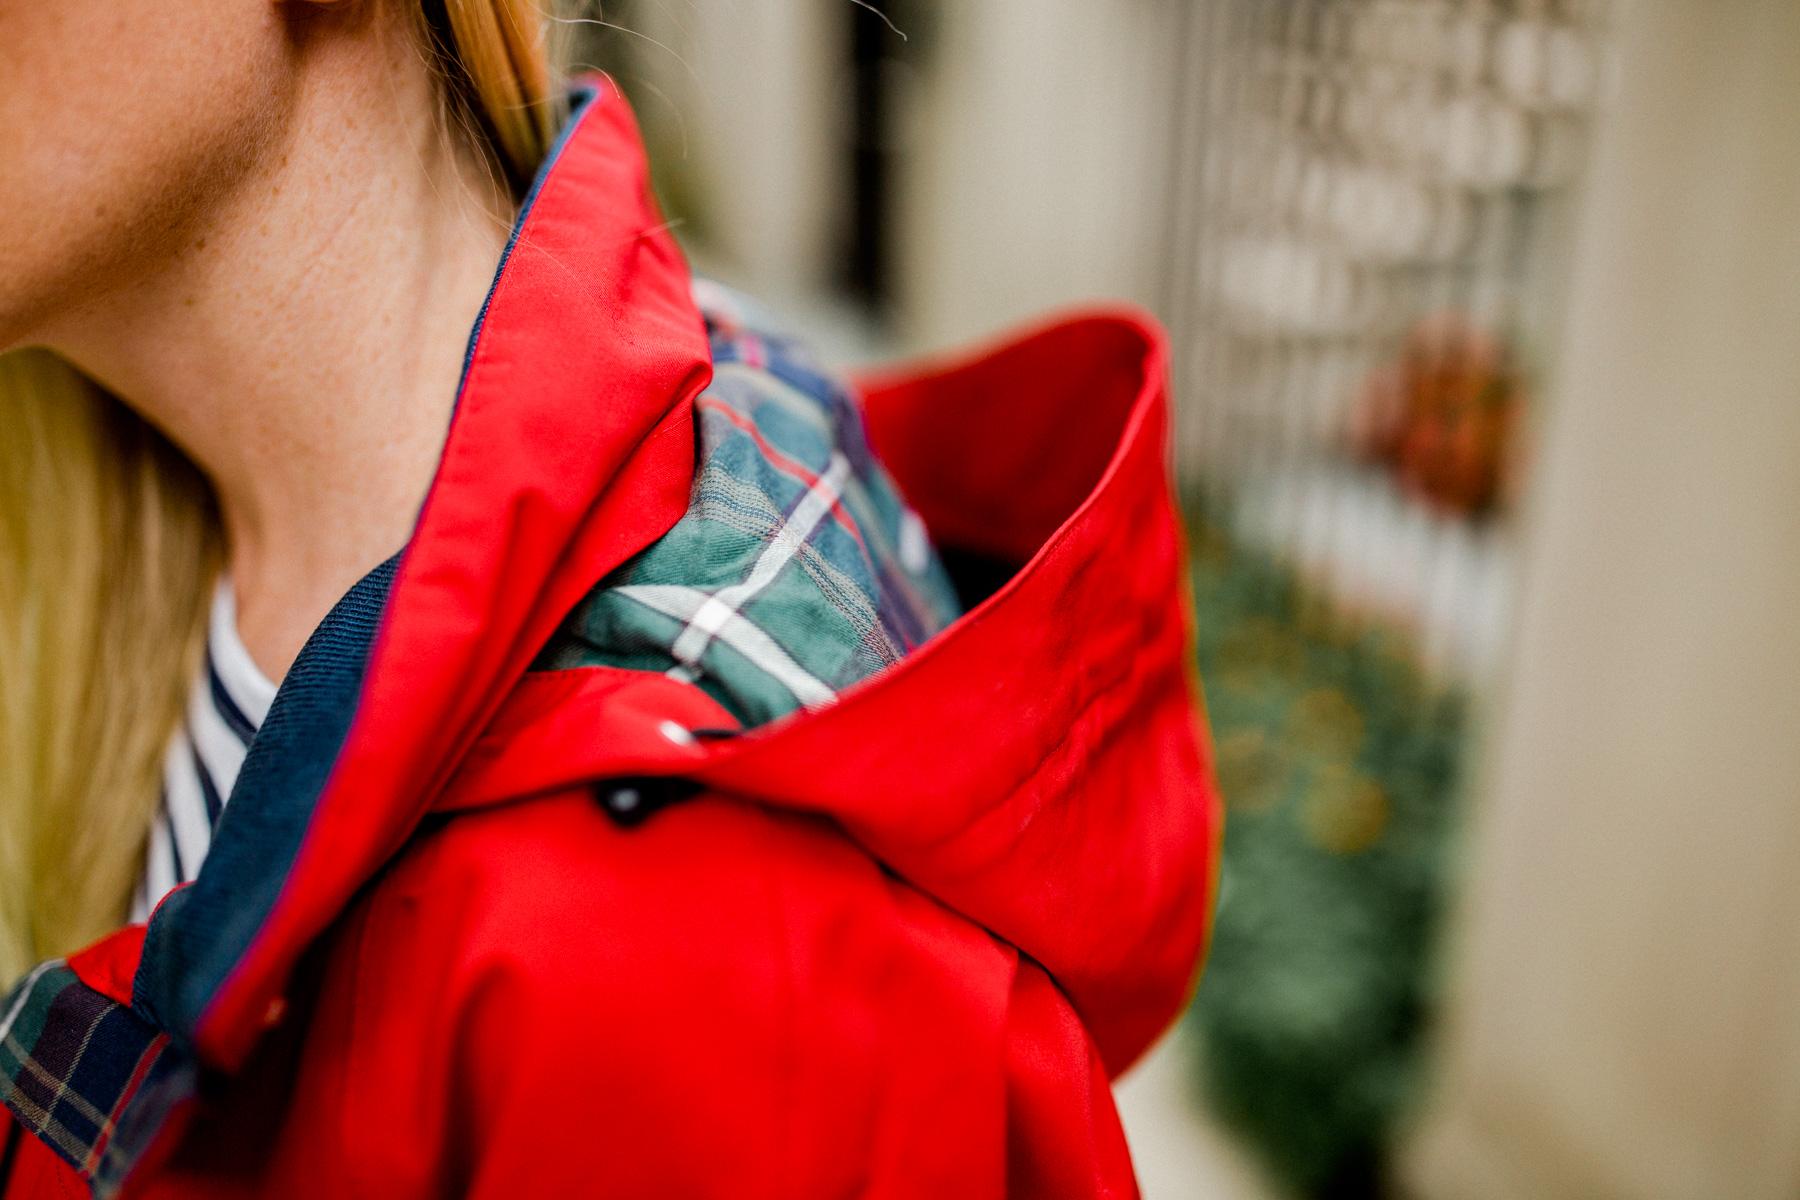 Pendleton Jacket (On sale!)